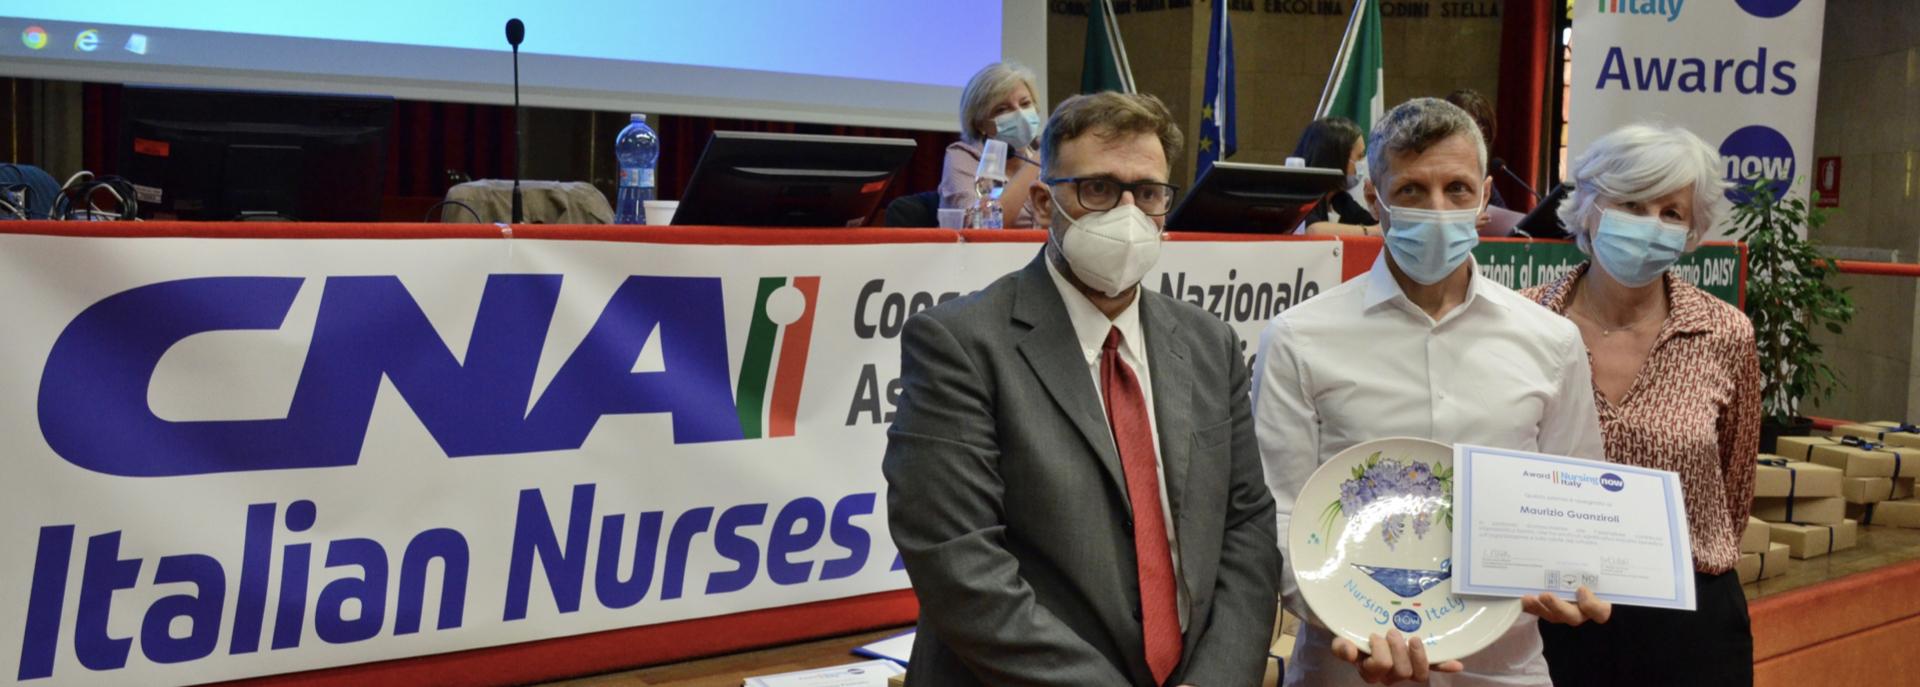 Nursing Now Italy Award, la premiazione dell'infermiere Guanziroli